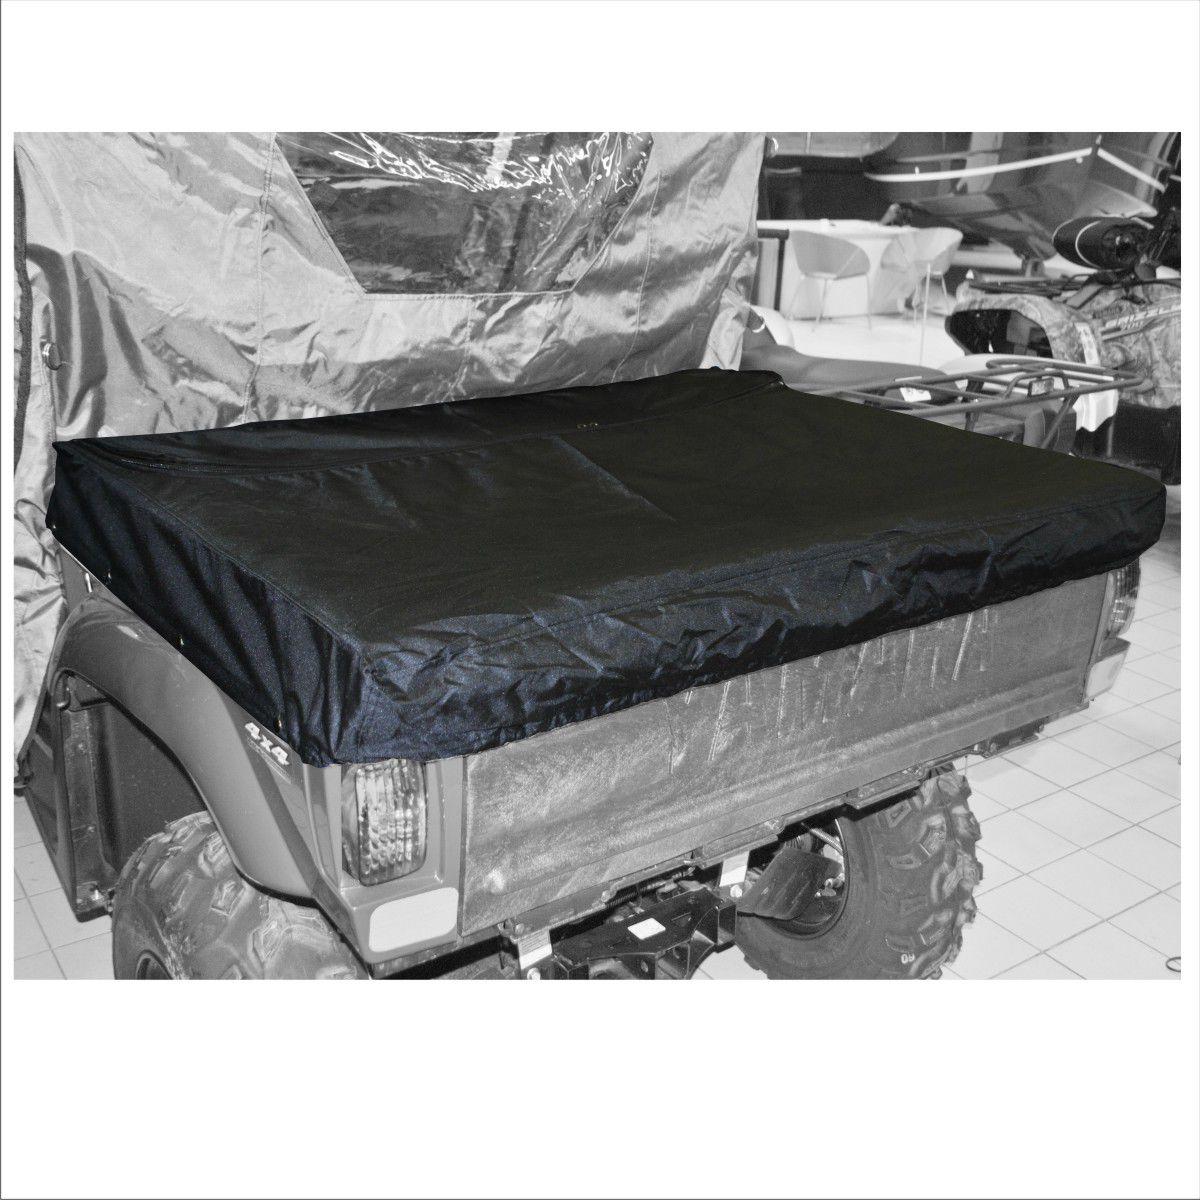 Тент AG-brand, на кузов UTV Yamaha Rhino 700, цвет: черный. AG-YAM-UTV-Rh700-CBC0038553Прочный тент AG-brand на кузов мотовездехода UTV Yamaha Rhino 700 призван защищать кладь в кузове от снега, града, дождя, дорожной пыли, веток и листвы во время заездов на мотовездеходе. Система креплений выполнена на кнопках, она позволяет надежно установить чехол на кузов мотовездехода. Дополнительная молния позволяет получить частичный доступ в кузов, не снимая всего чехла.